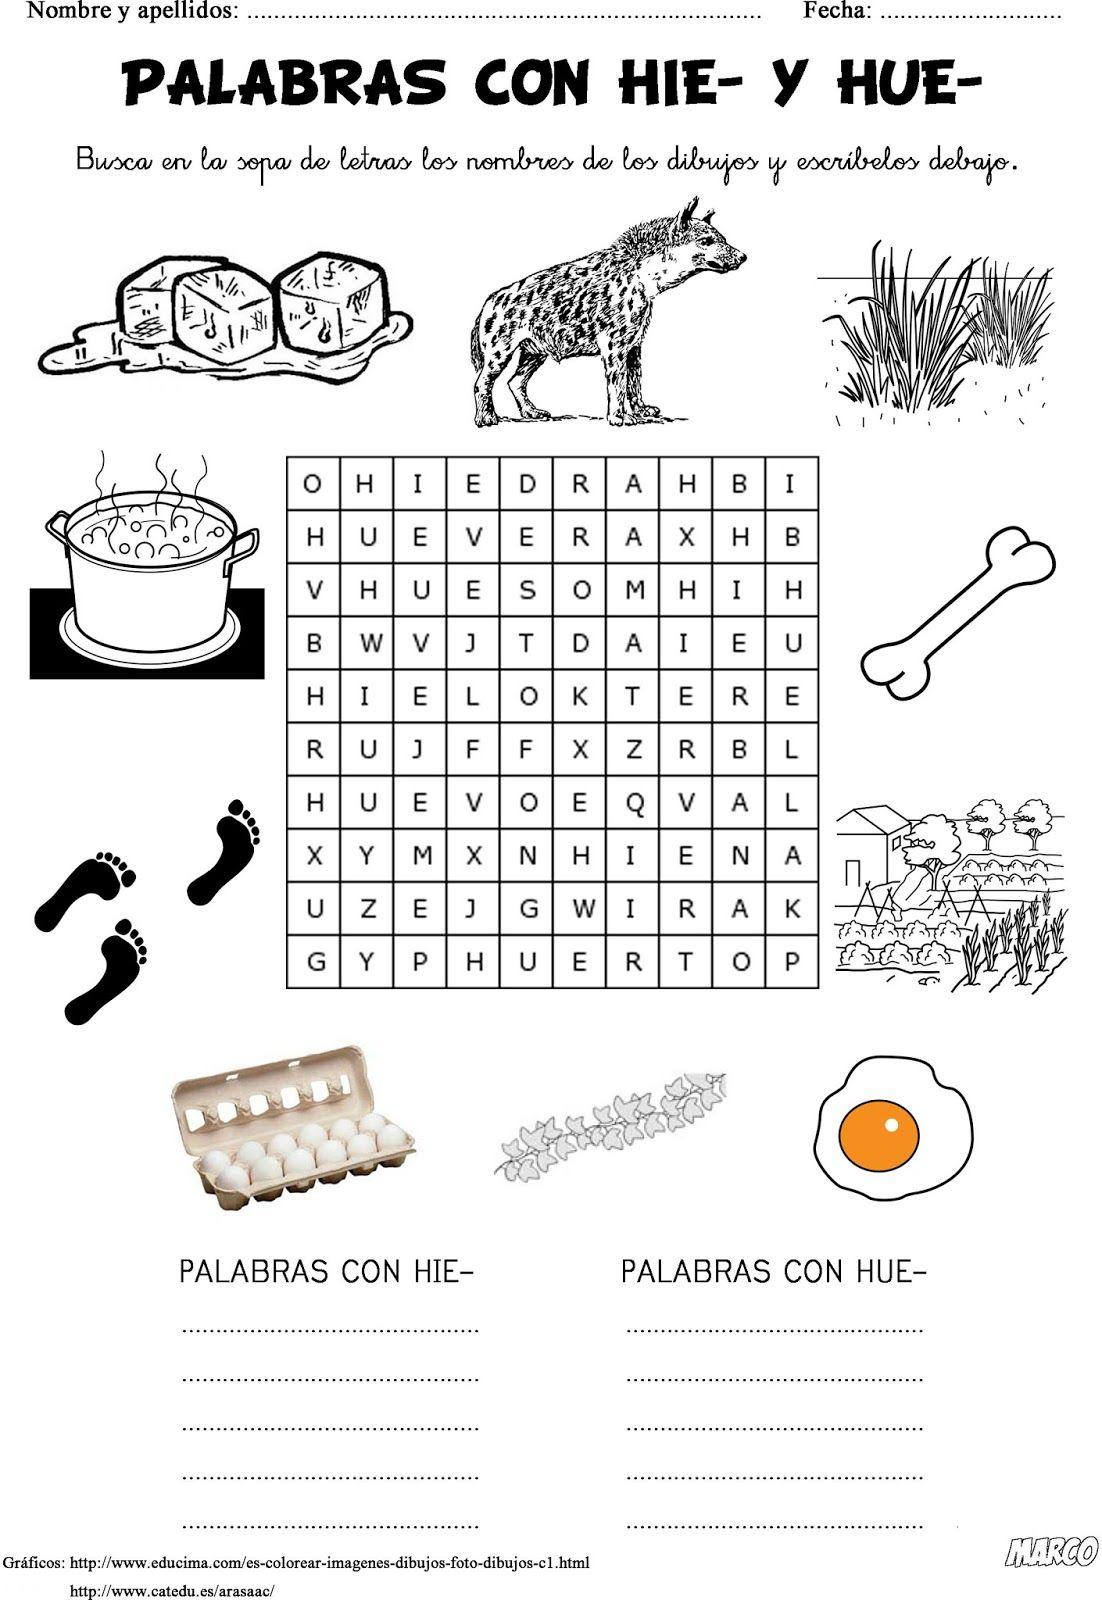 Ortograf a primaria palabras con hie y hue fichas para for Actividades con cartulina para ninos